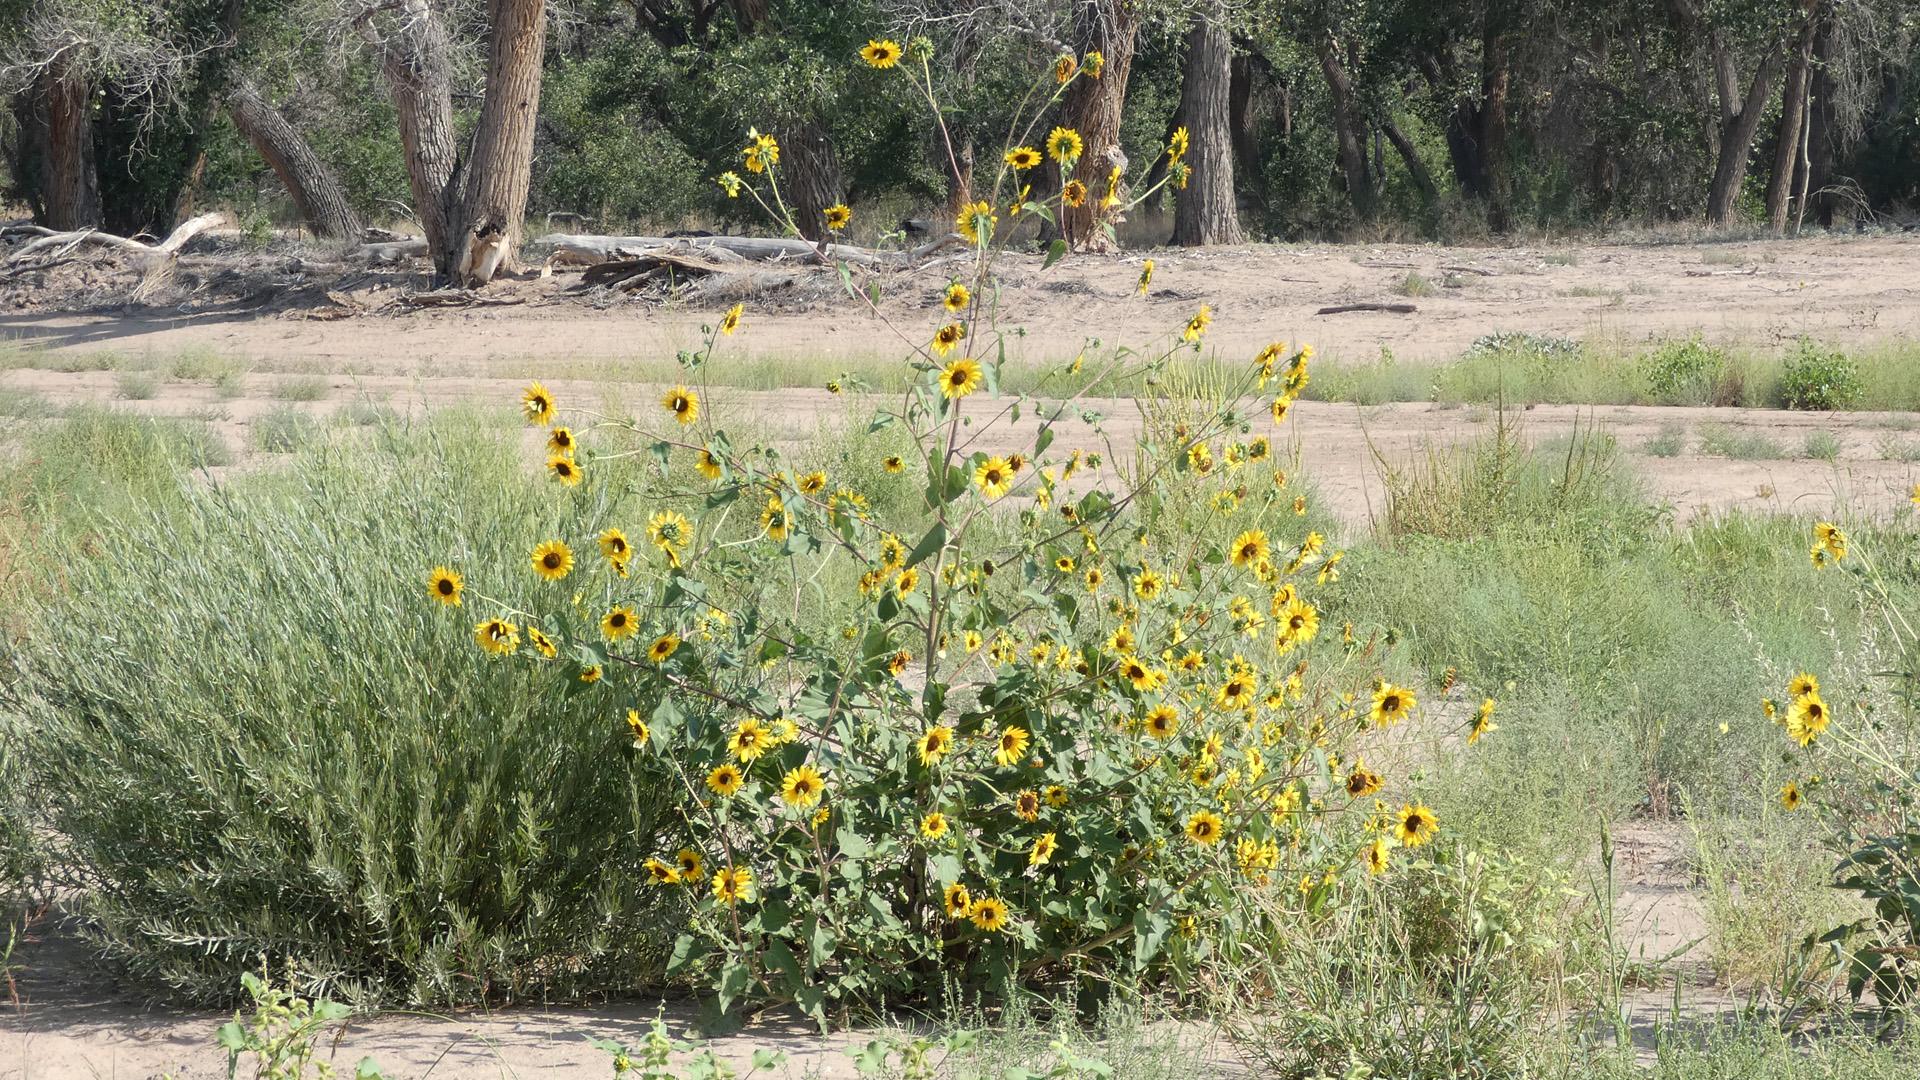 Rio Grande Bosque, Albuquerque, September 2021